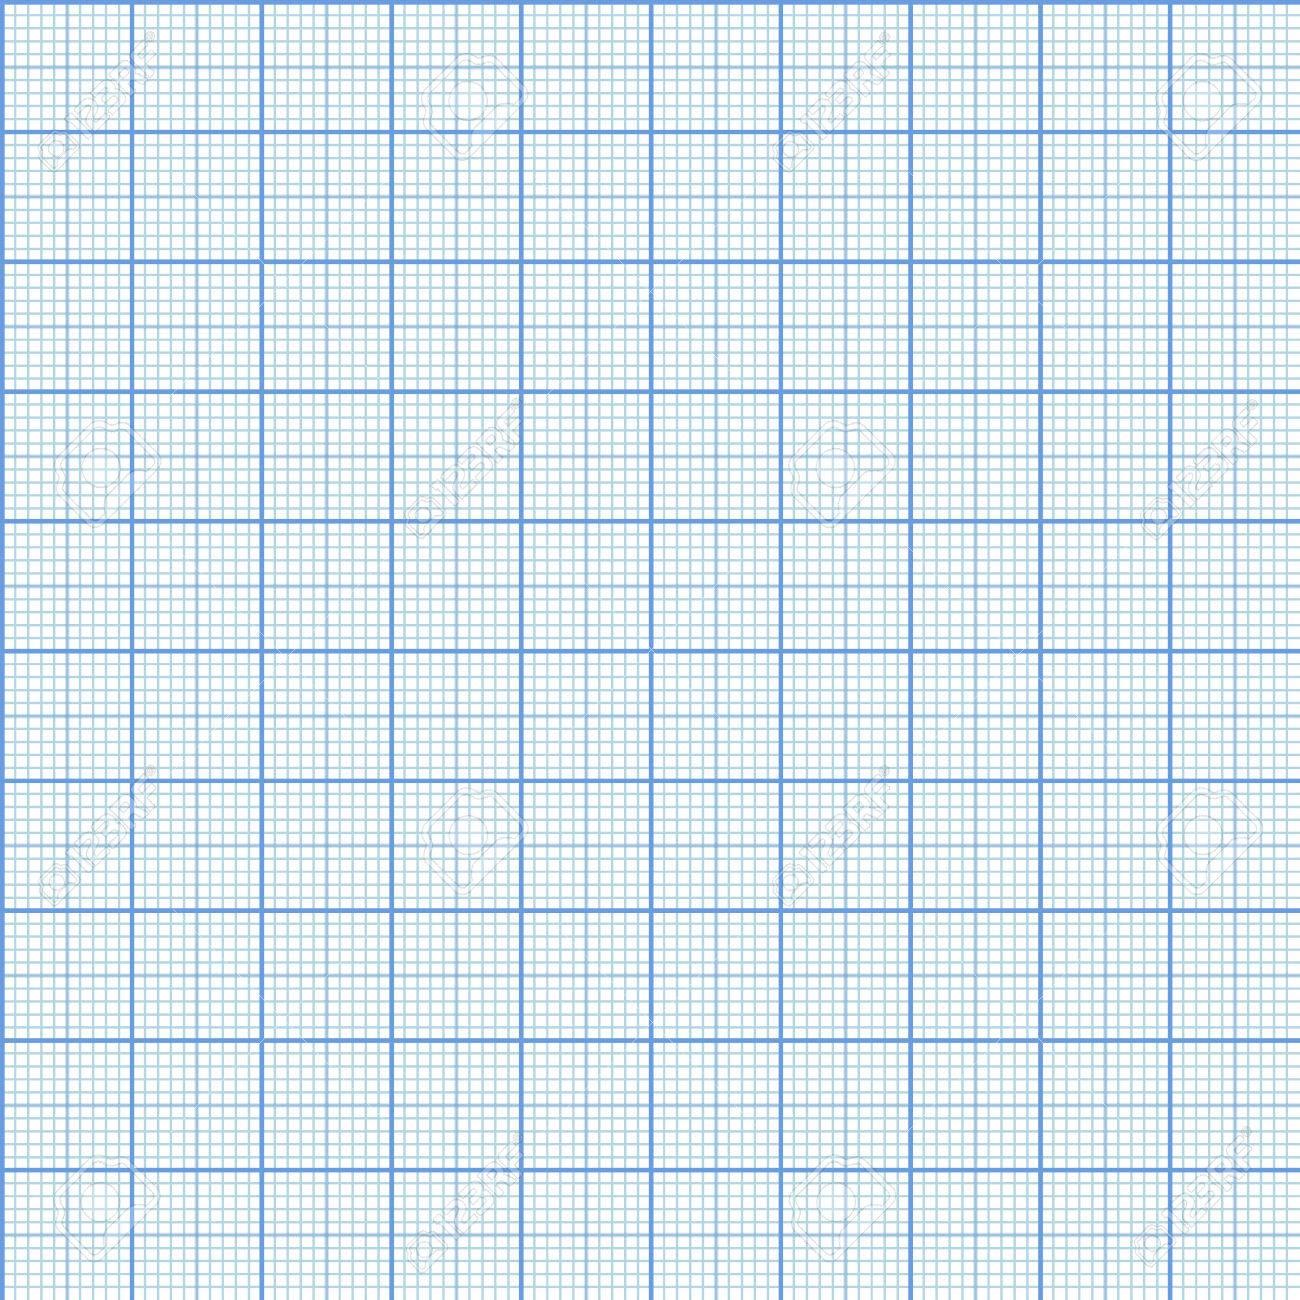 Papier Millimètre